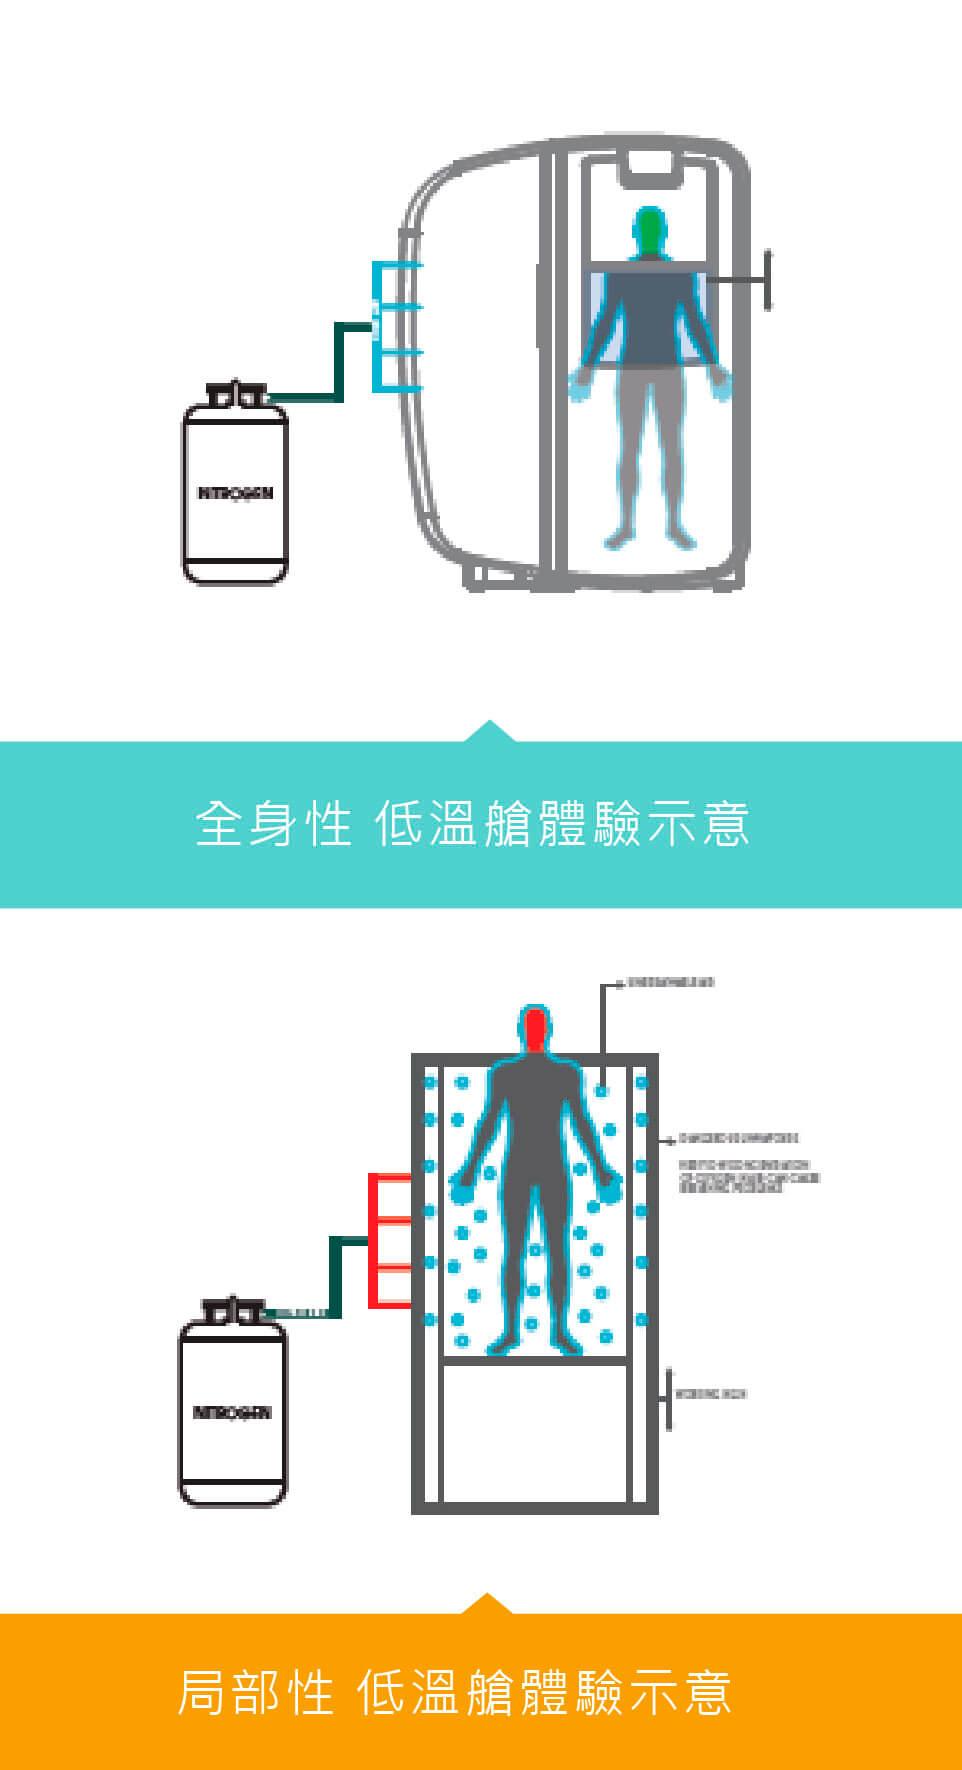 極地冷凍艙為可以全身步入的儀器,由於艙體內為可呼吸的空氣,因此較他種儀器(作用範圍僅到肩頸,頭部必須露出)減少接觸氮蒸氣機會,能大幅避免窒息風險。